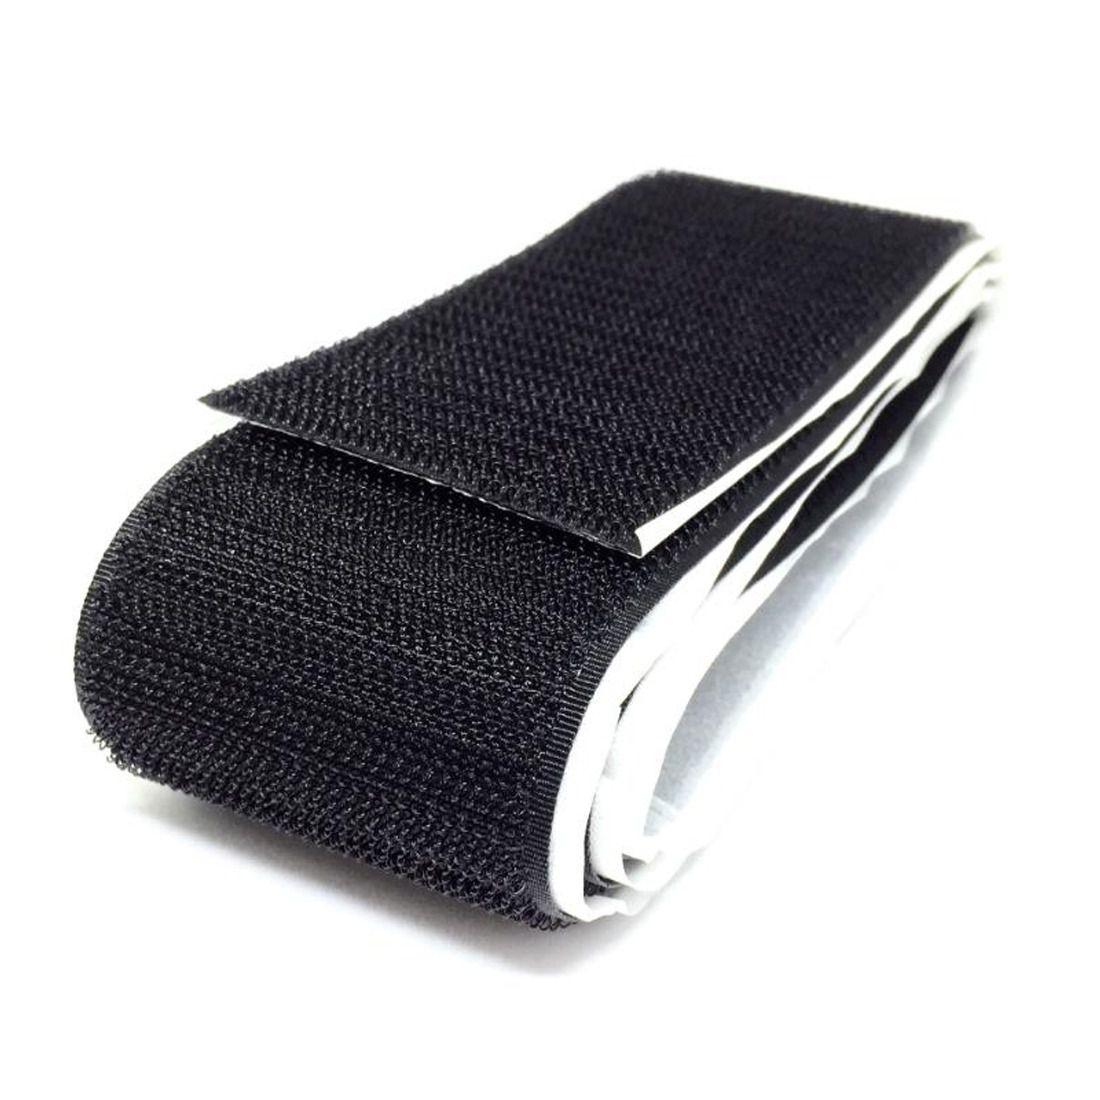 Velcro Adesivo para pedalboard (macho) - 1m - LANDSCAPE